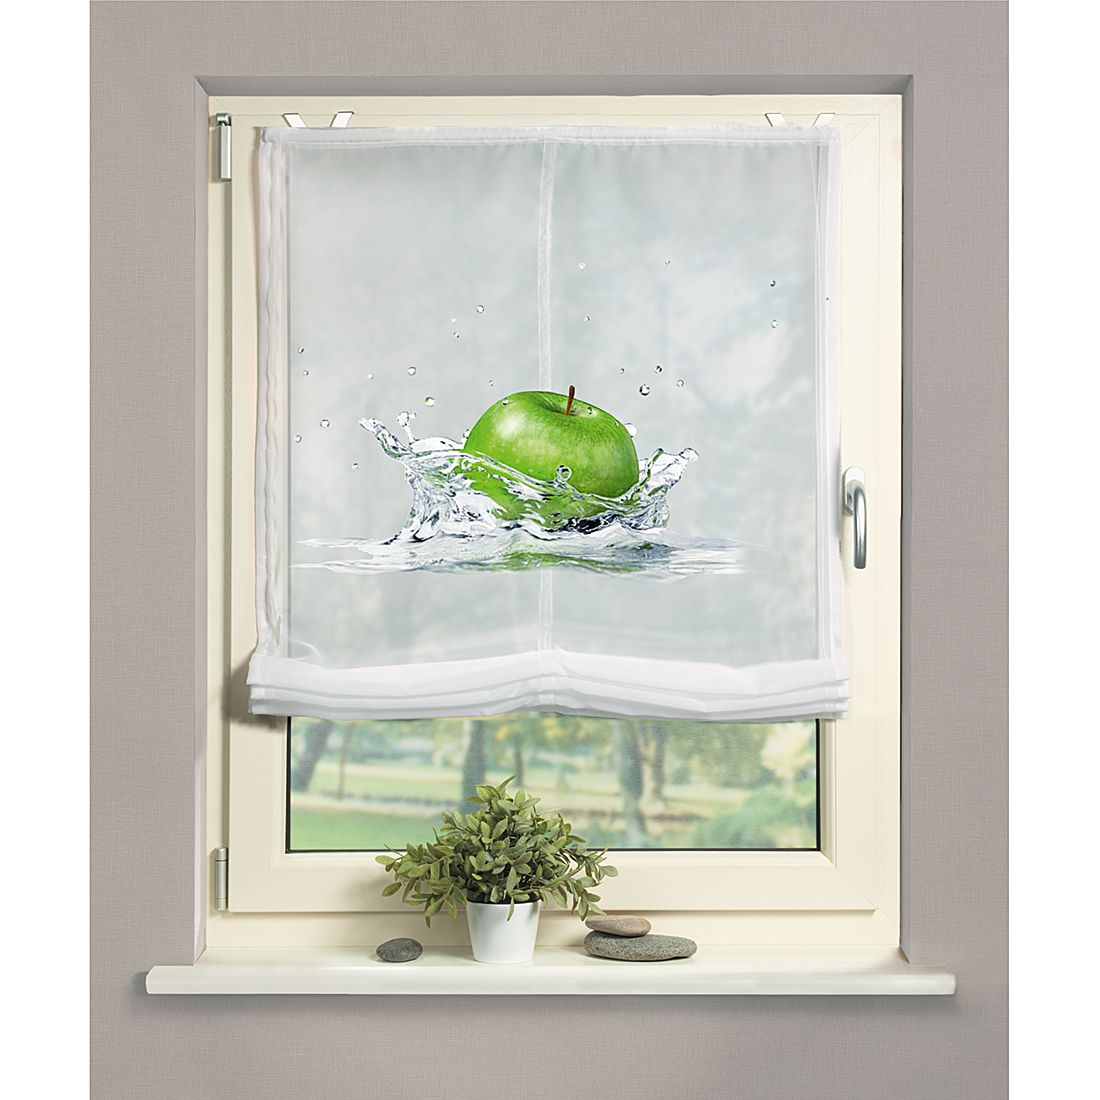 Raffrollo Apple, Home Wohnideen kaufen